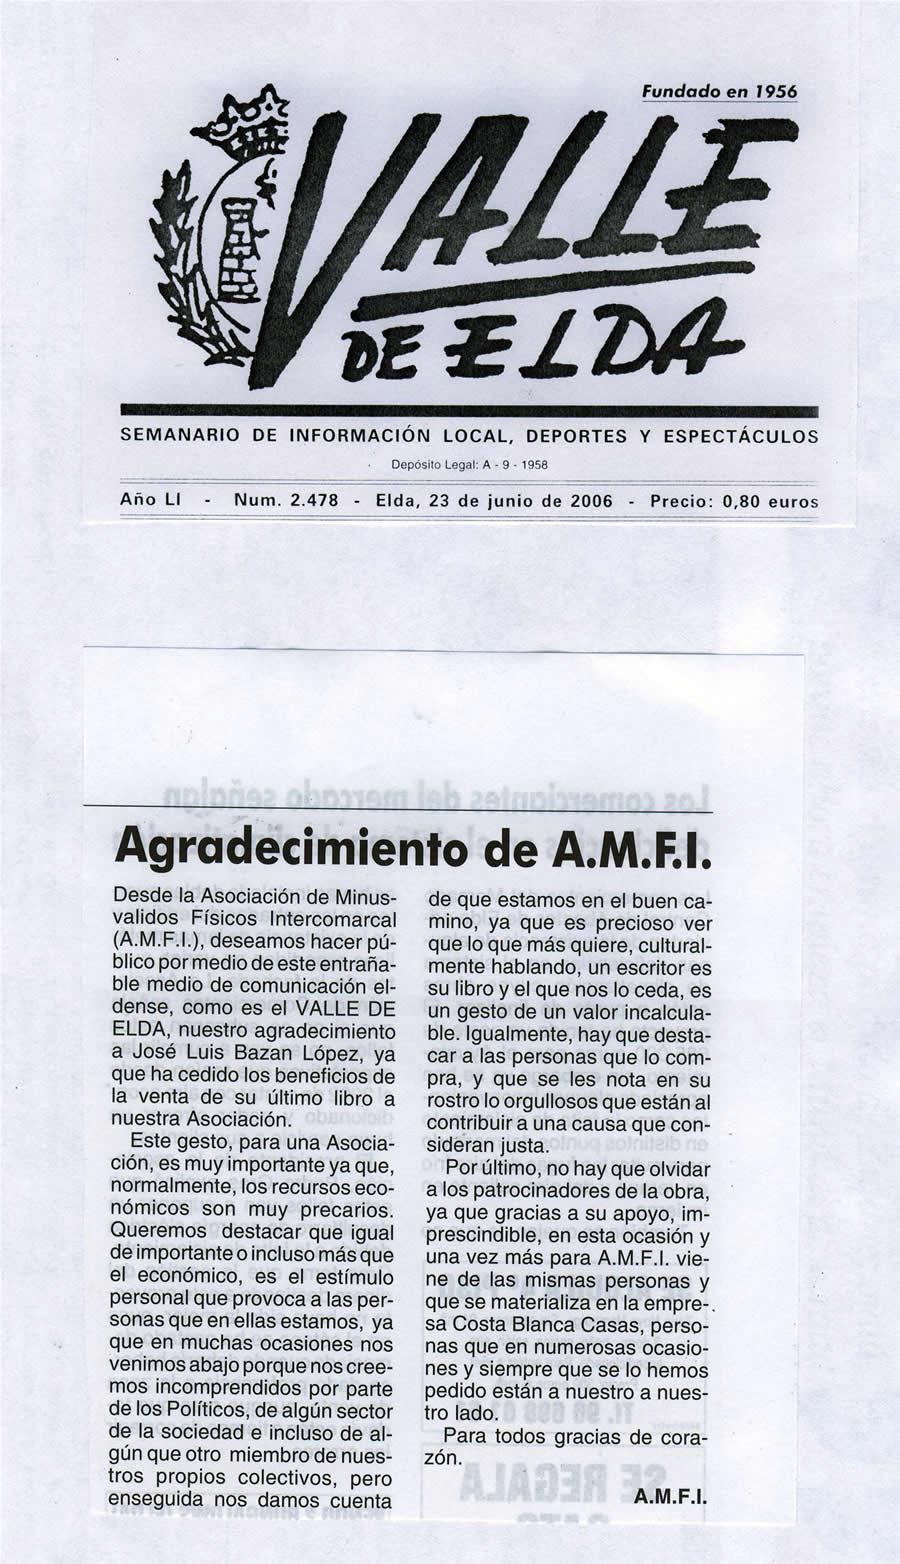 1 2006 de 23 de junio: